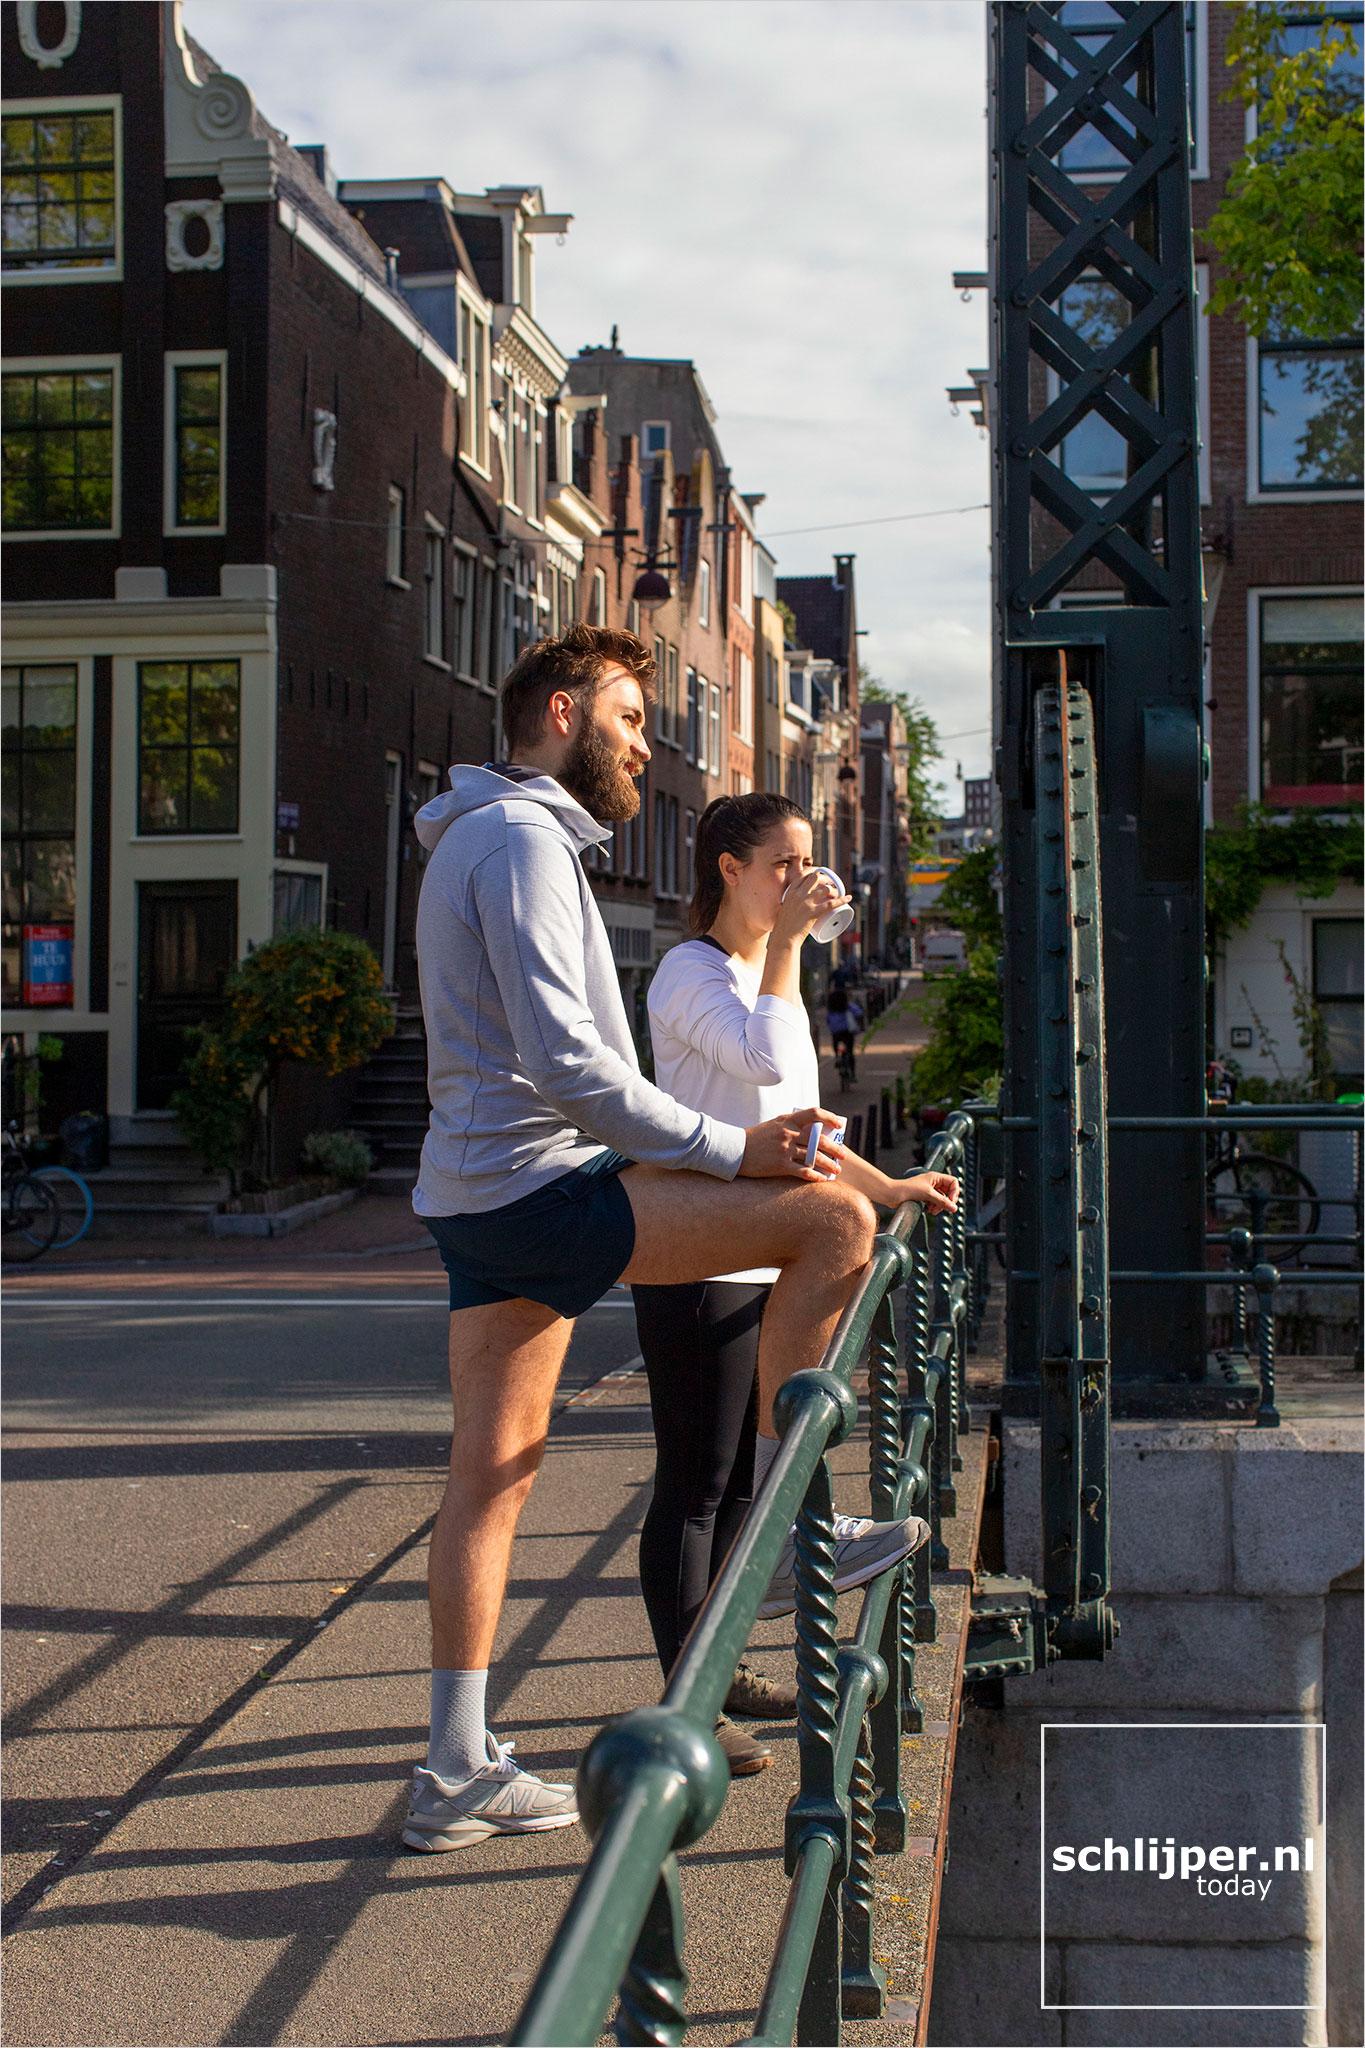 Nederland, Amsterdam, 1 september 2020